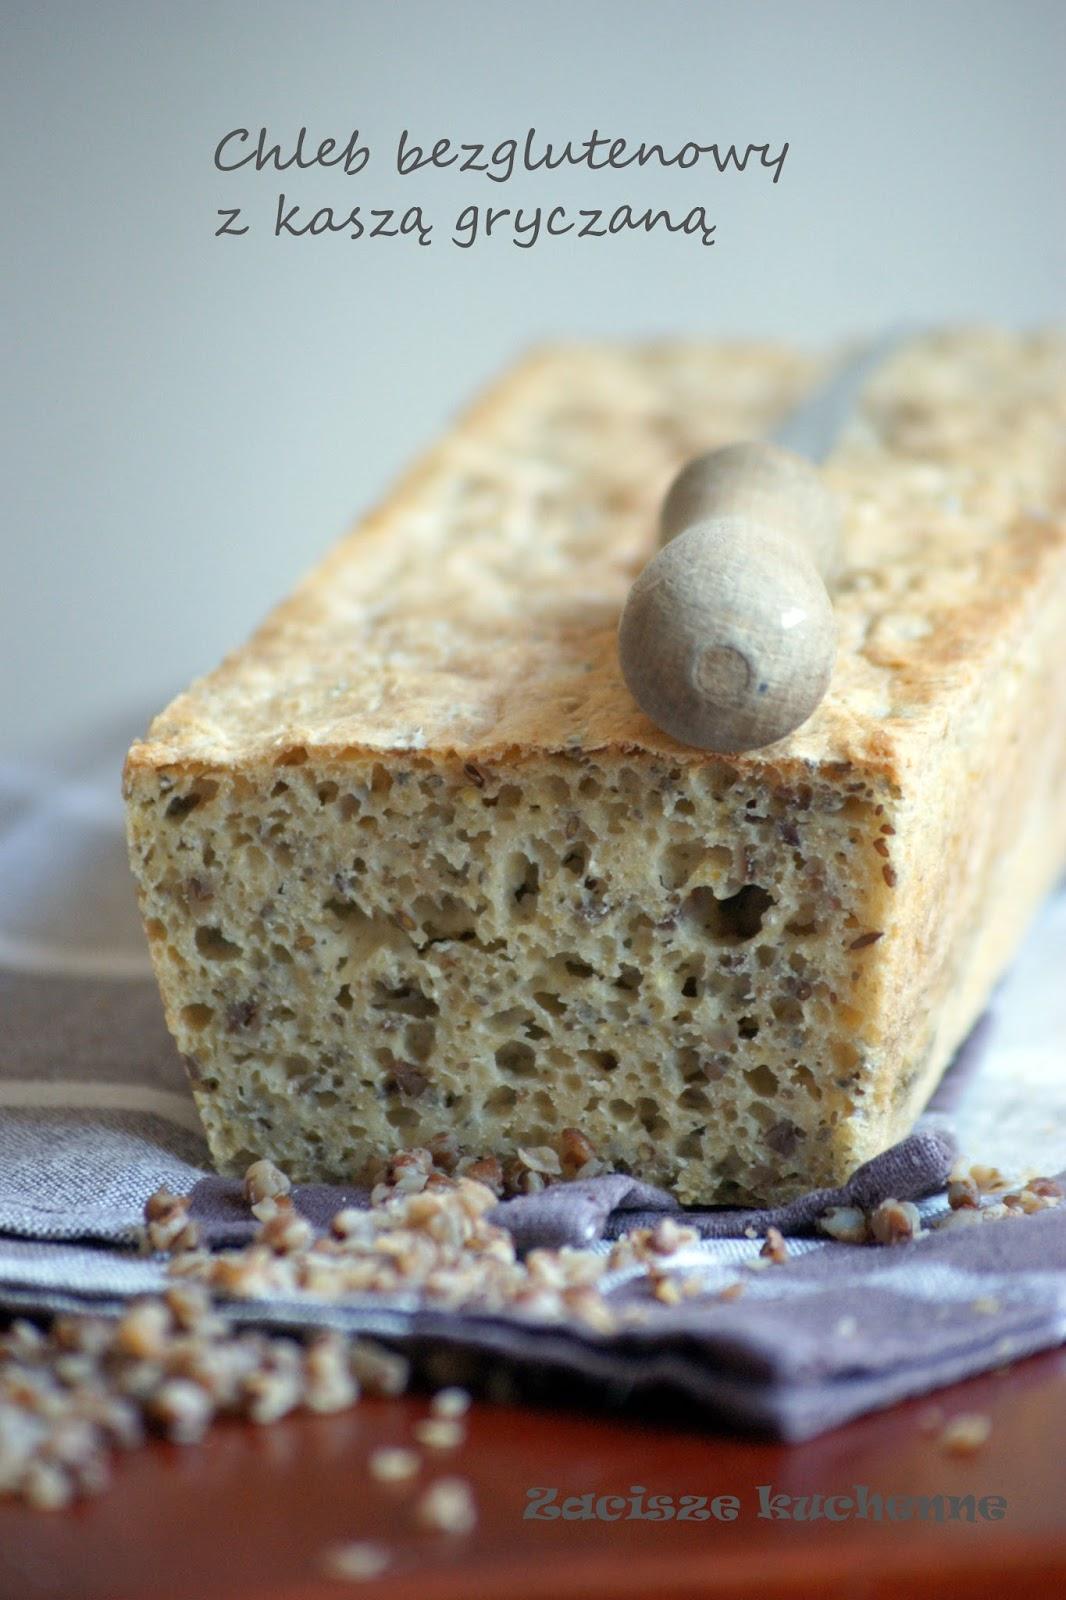 chleb bezglutenowy z kaszą gryczaną